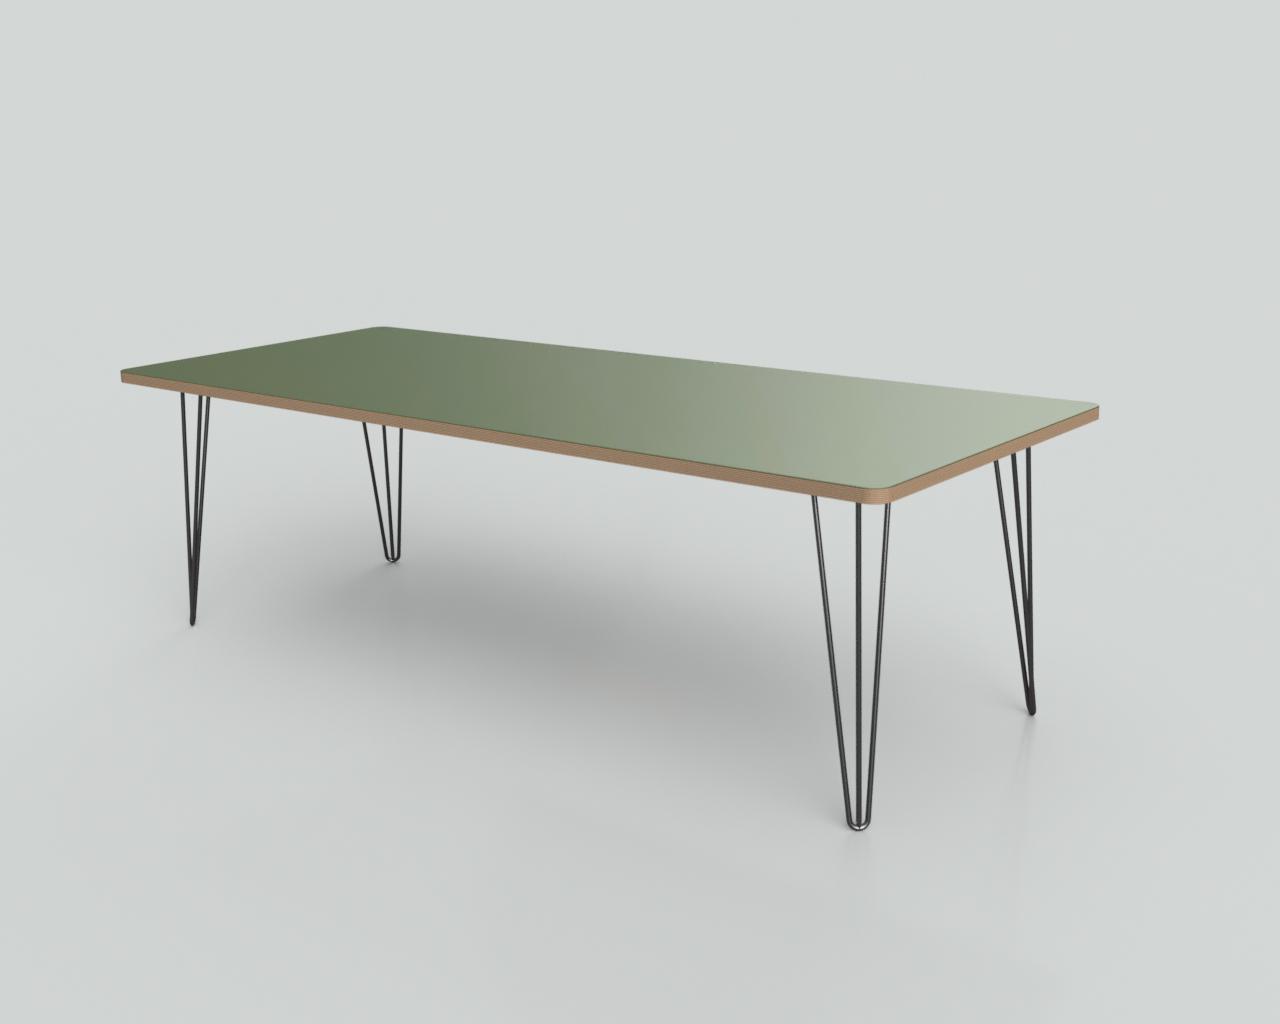 Linoleum tafel treespoke